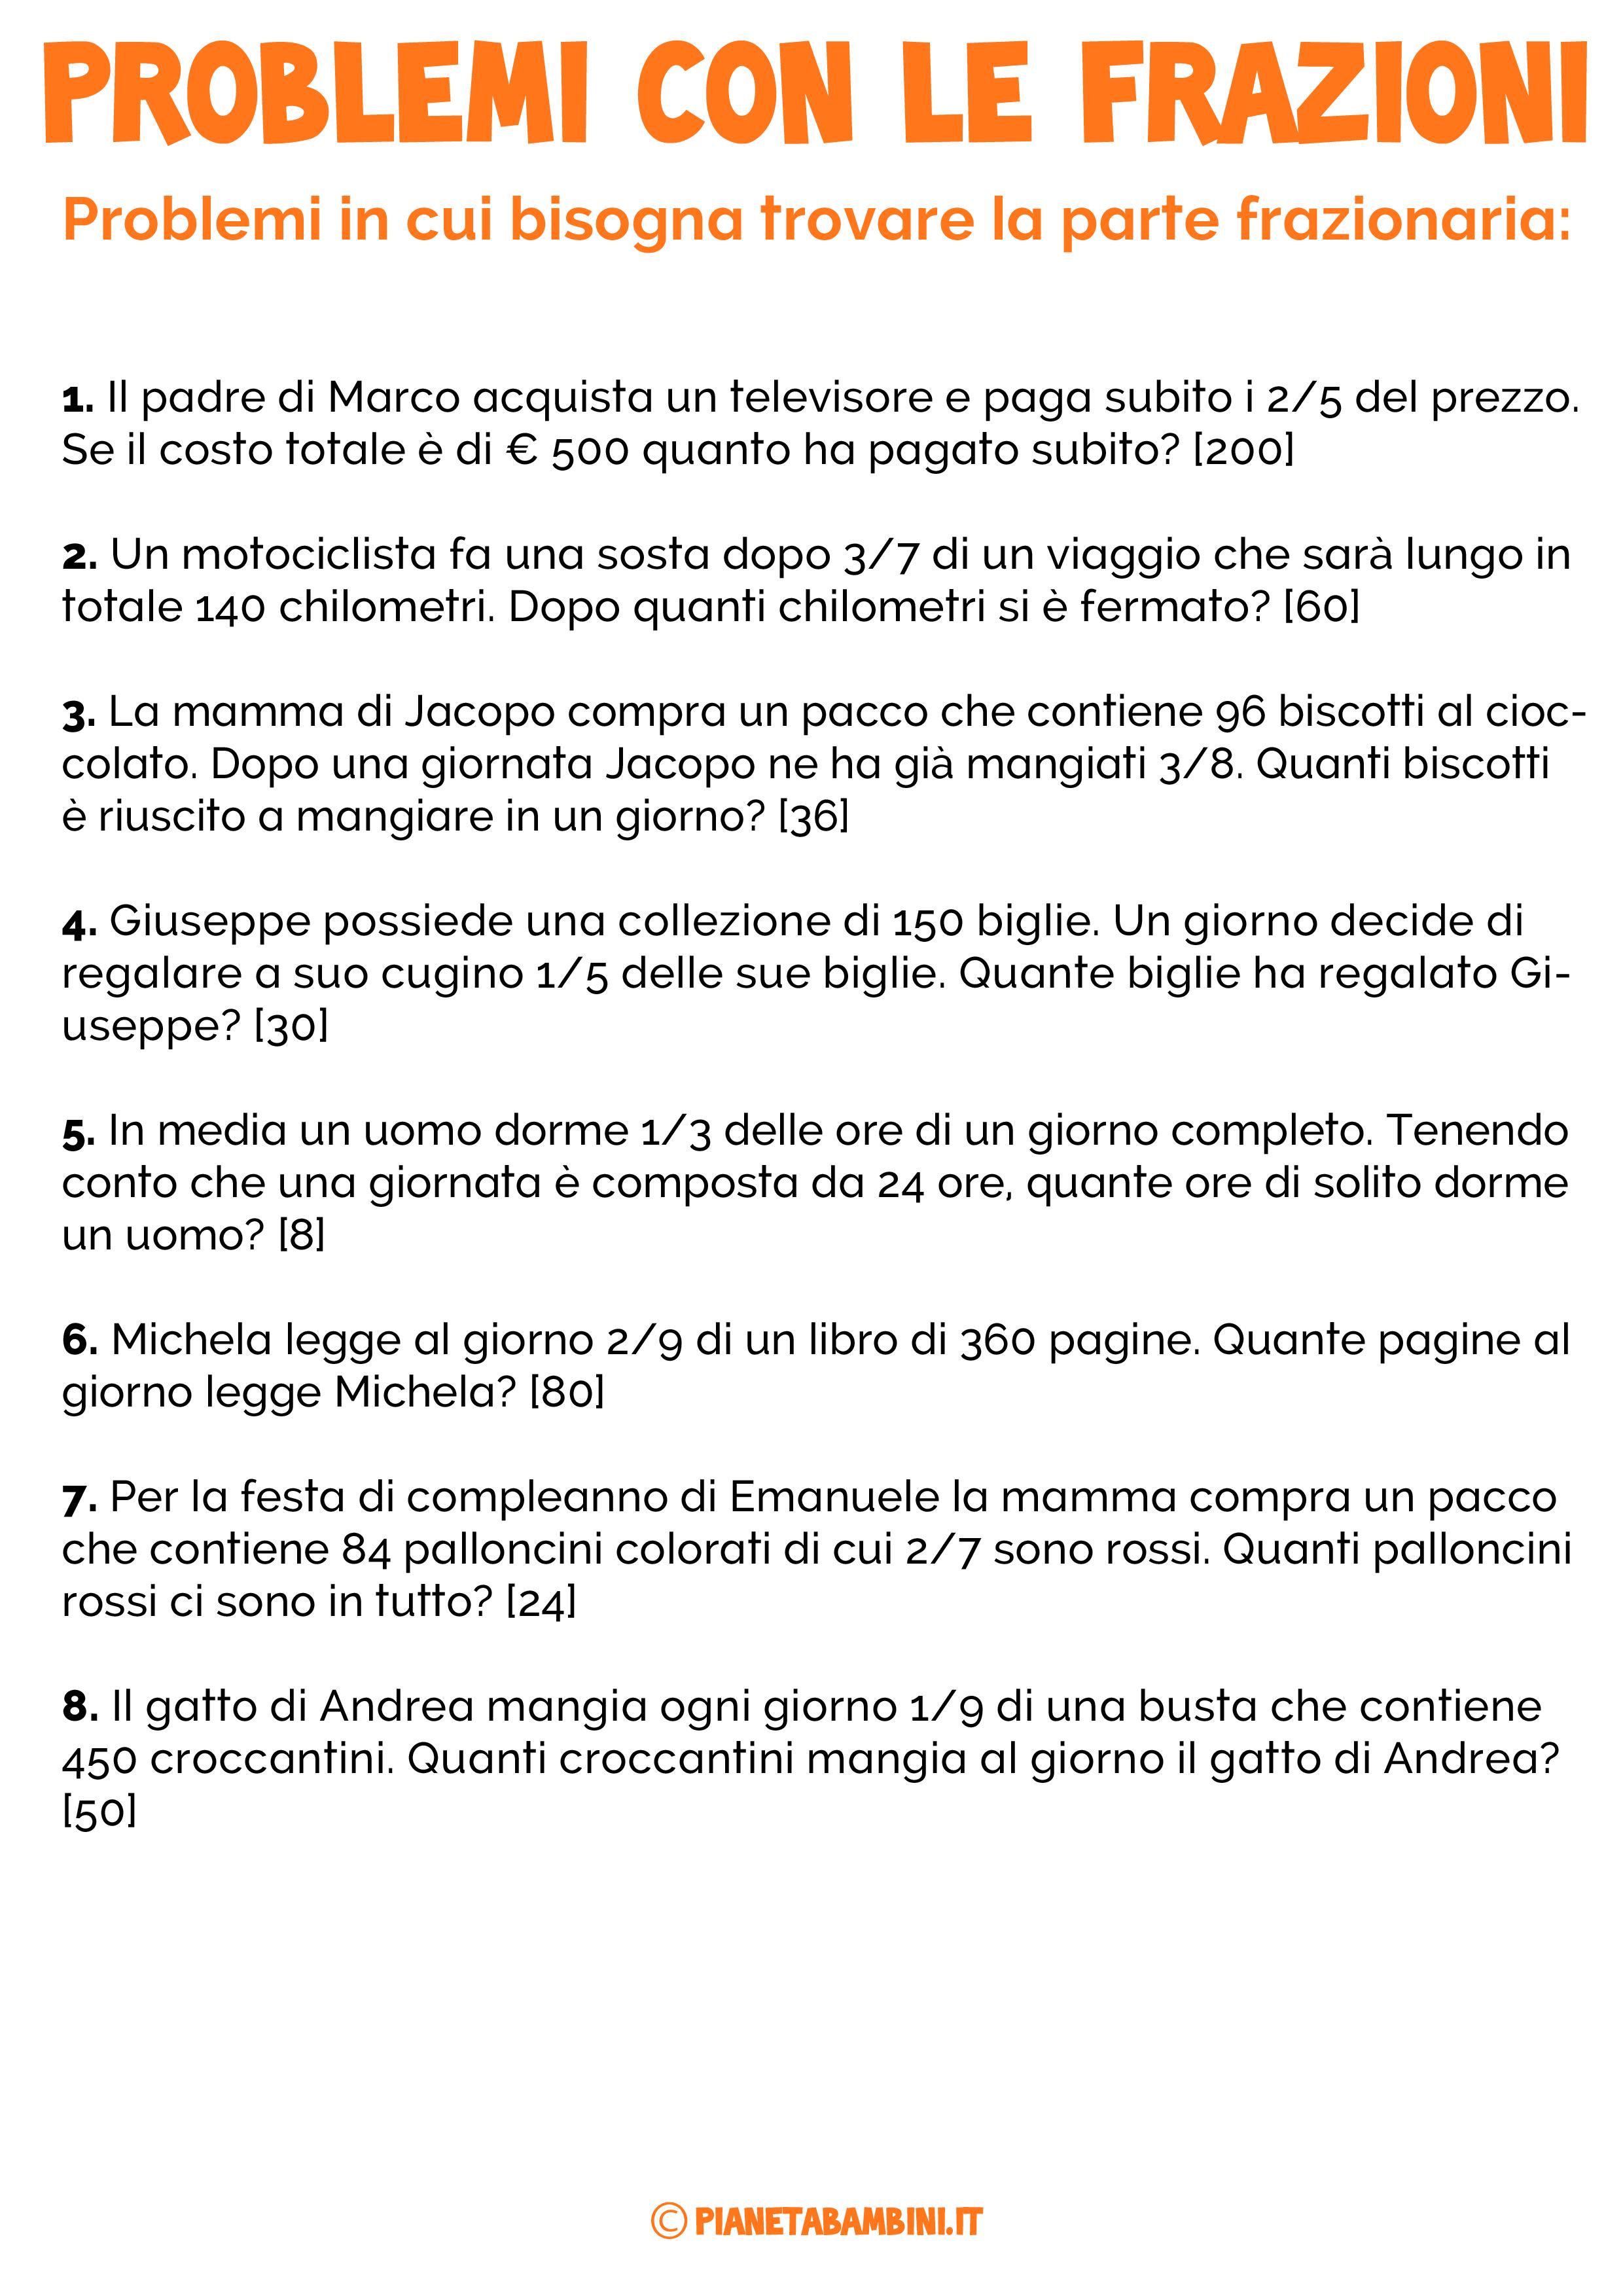 32 Problemi con le Frazioni per la Scuola Primaria con ...